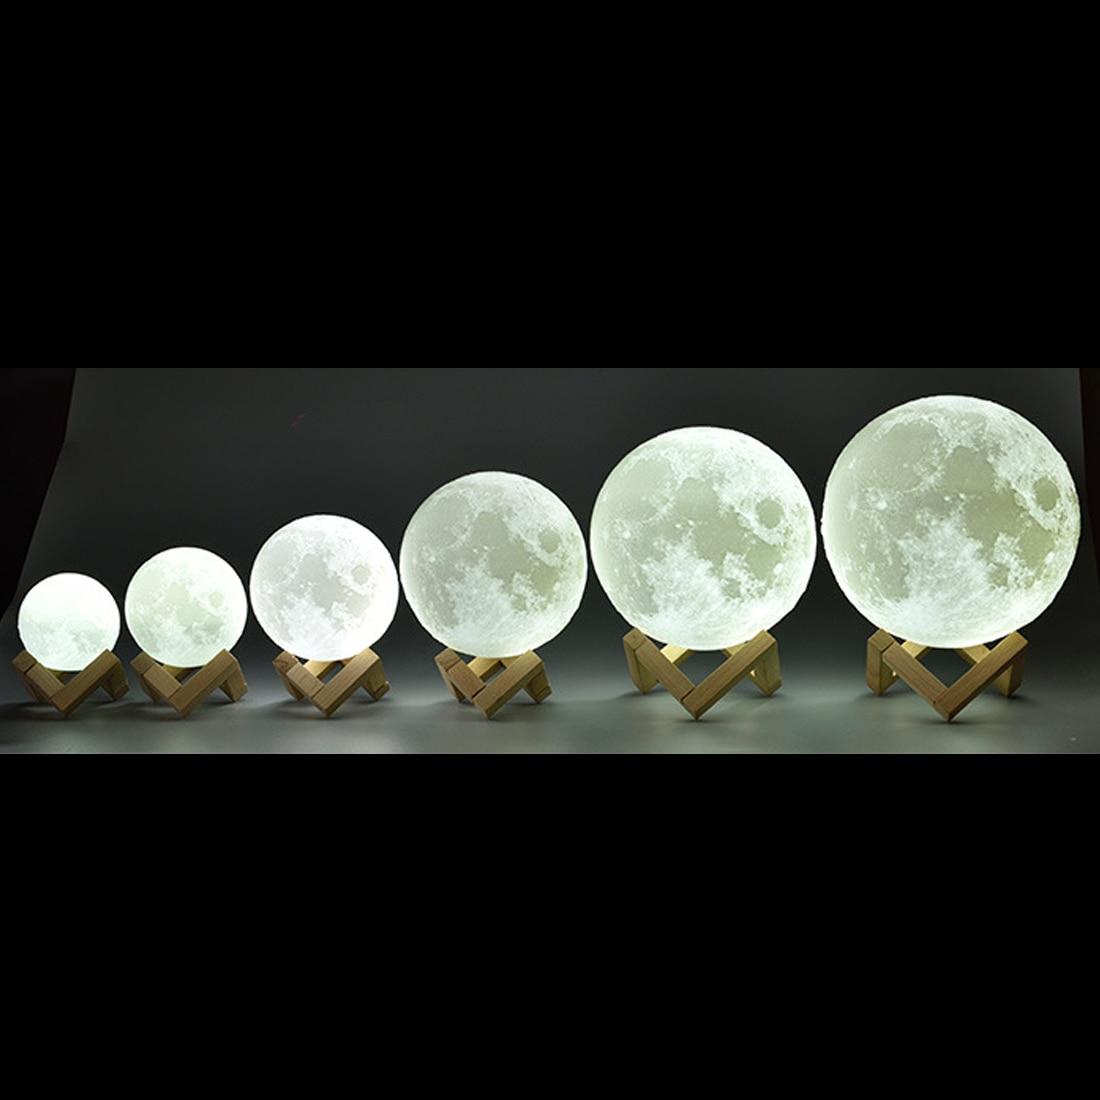 充電式ムーンランプ 2 色変更 3D ライトタッチスイッチ 3D 印刷ランプムーン寝室本棚ナイトライトクリエイティブギフト